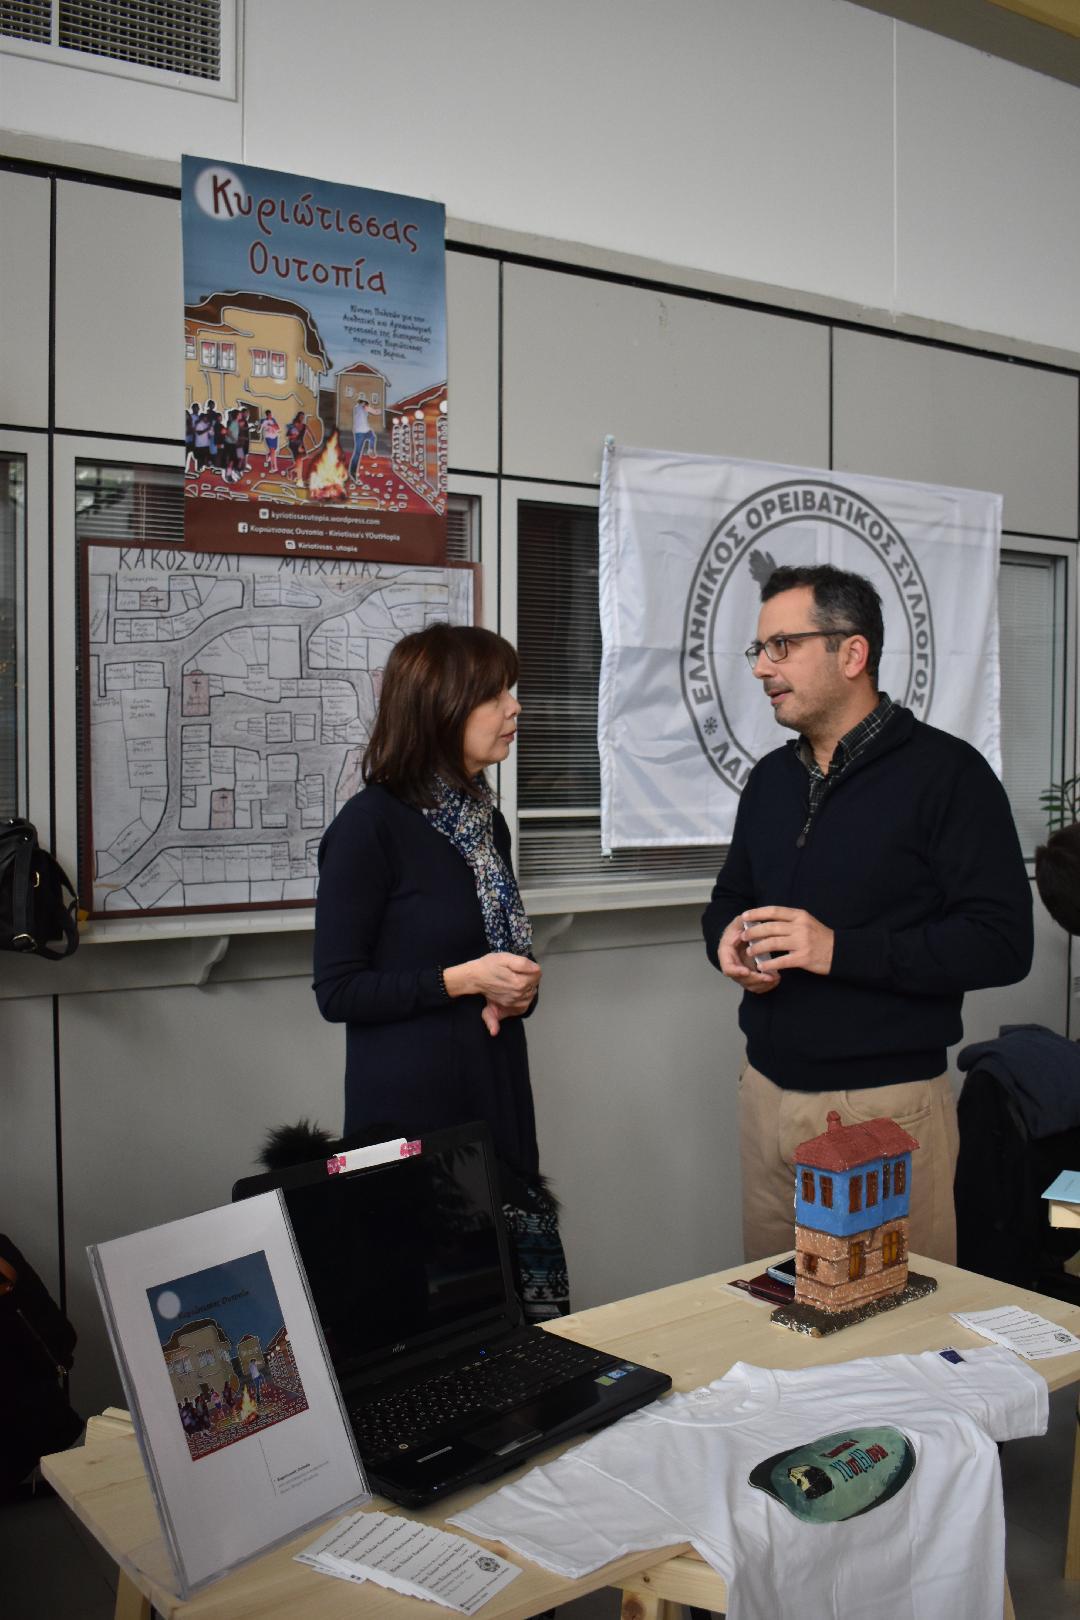 Η Κίνηση Πολιτών Κυριώτισσας στο Συνέδριο του Οργανισμού «Πρωτοβουλία για την ανάδειξη της Πολιτιστικής Κληρονομιάς